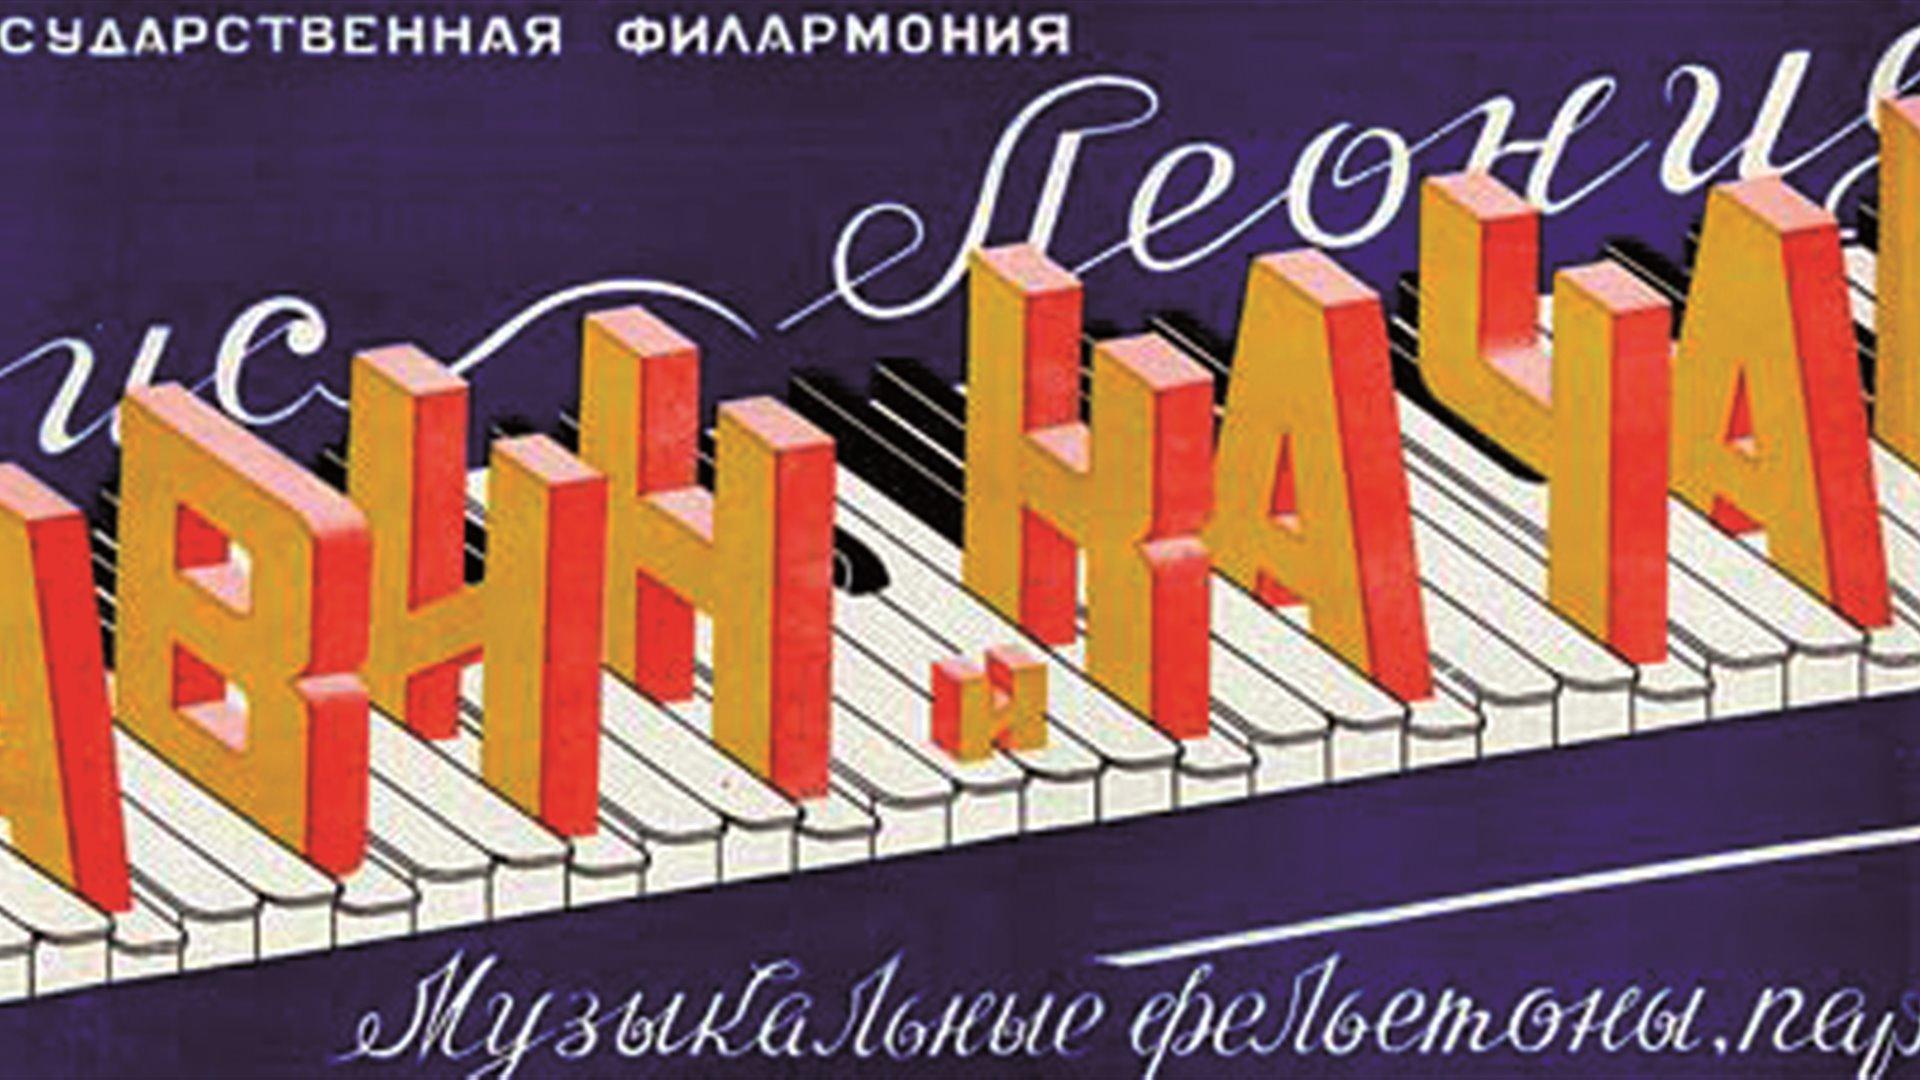 Concierto inaugural con motivo de la exposición Aleksandr Deineka, 1899-1969